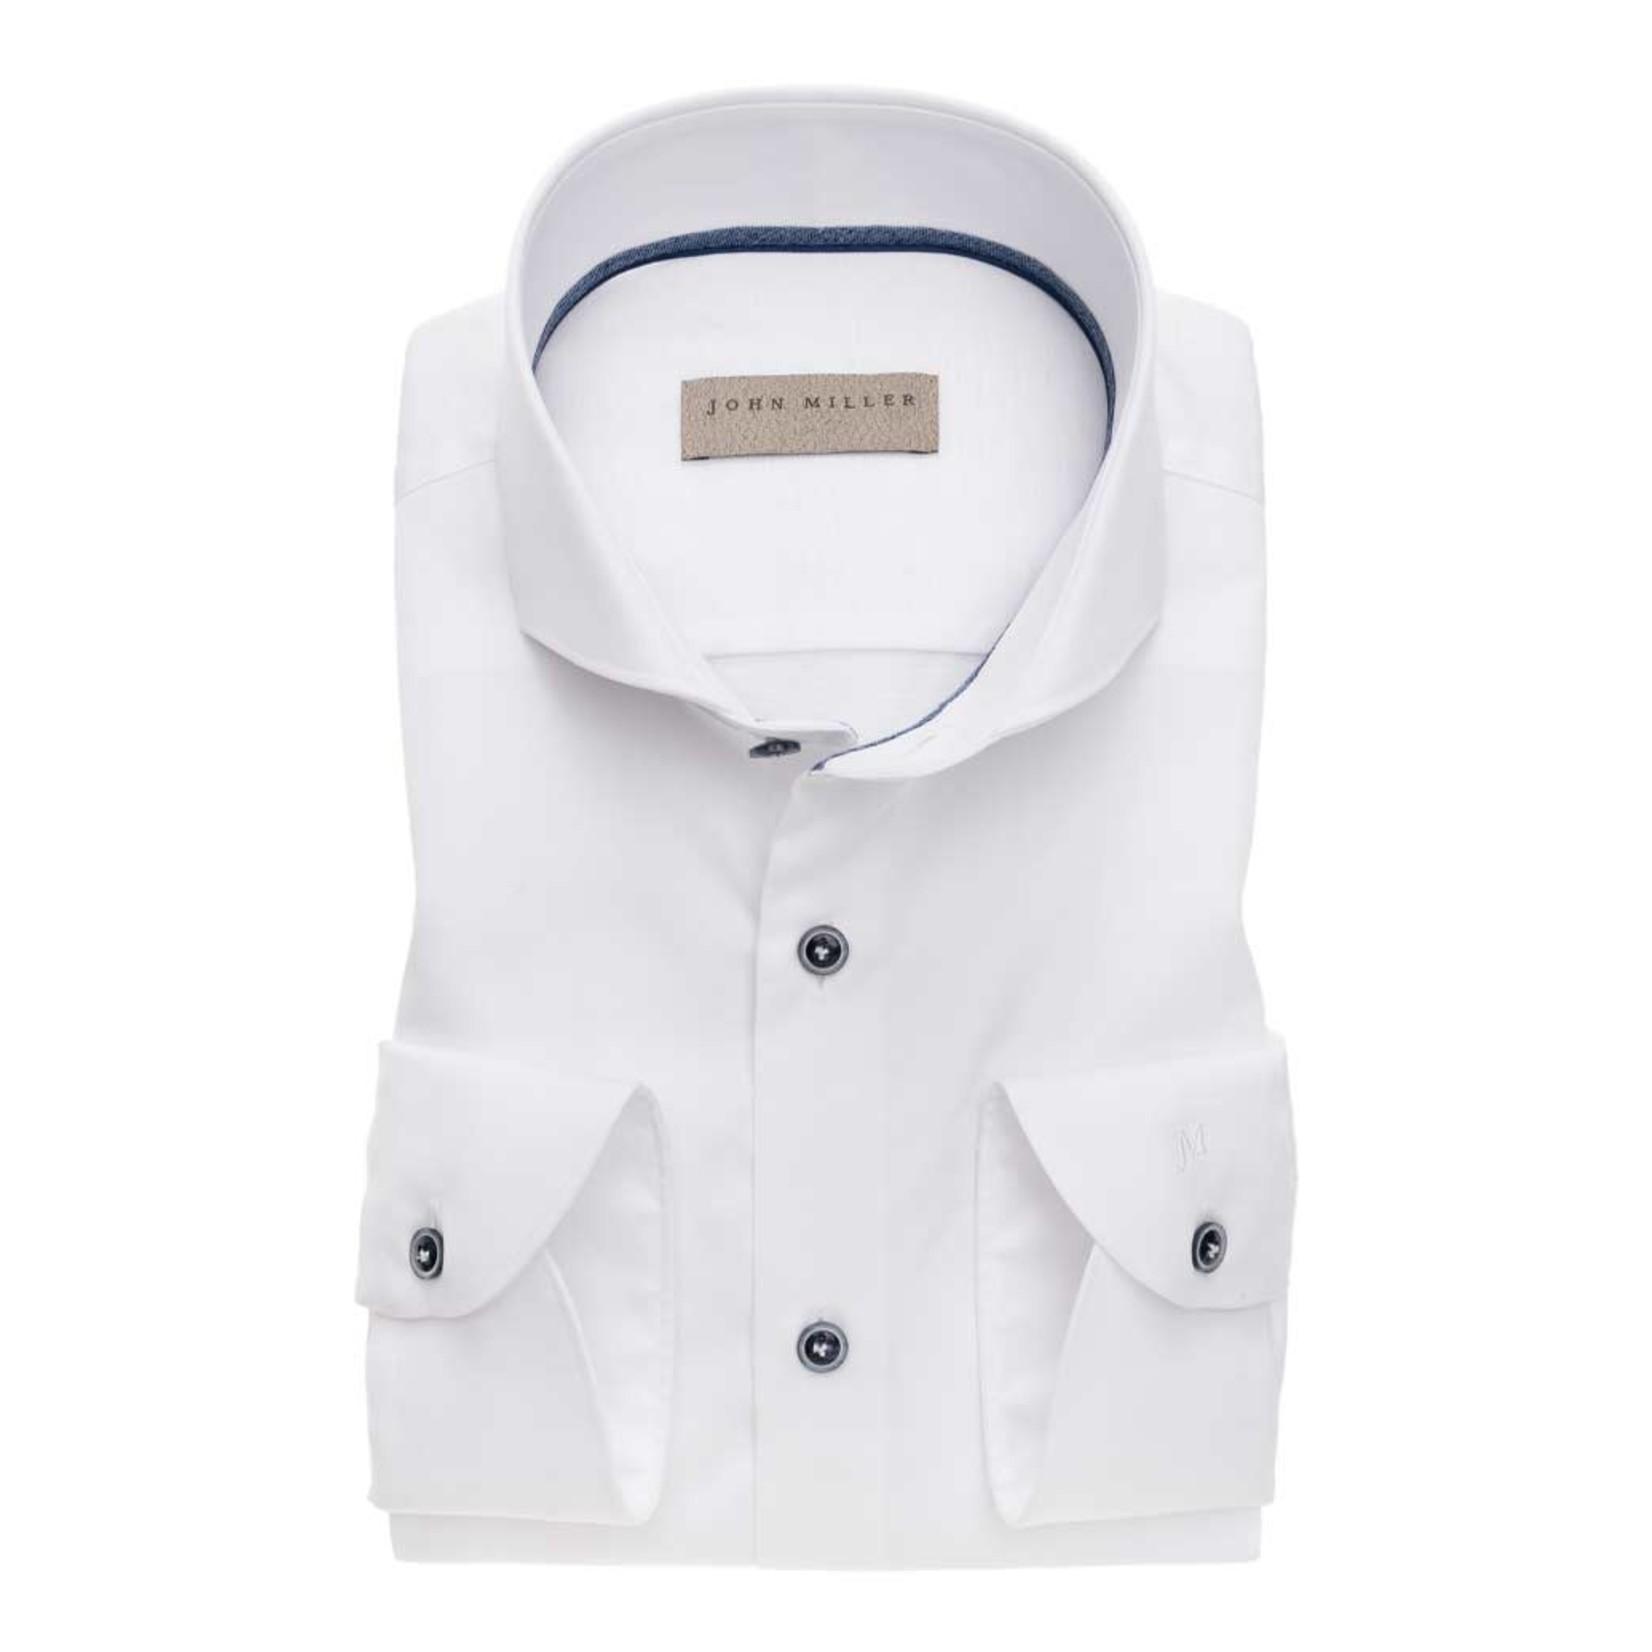 John Miller slim fit overhemd wit met cut away boord